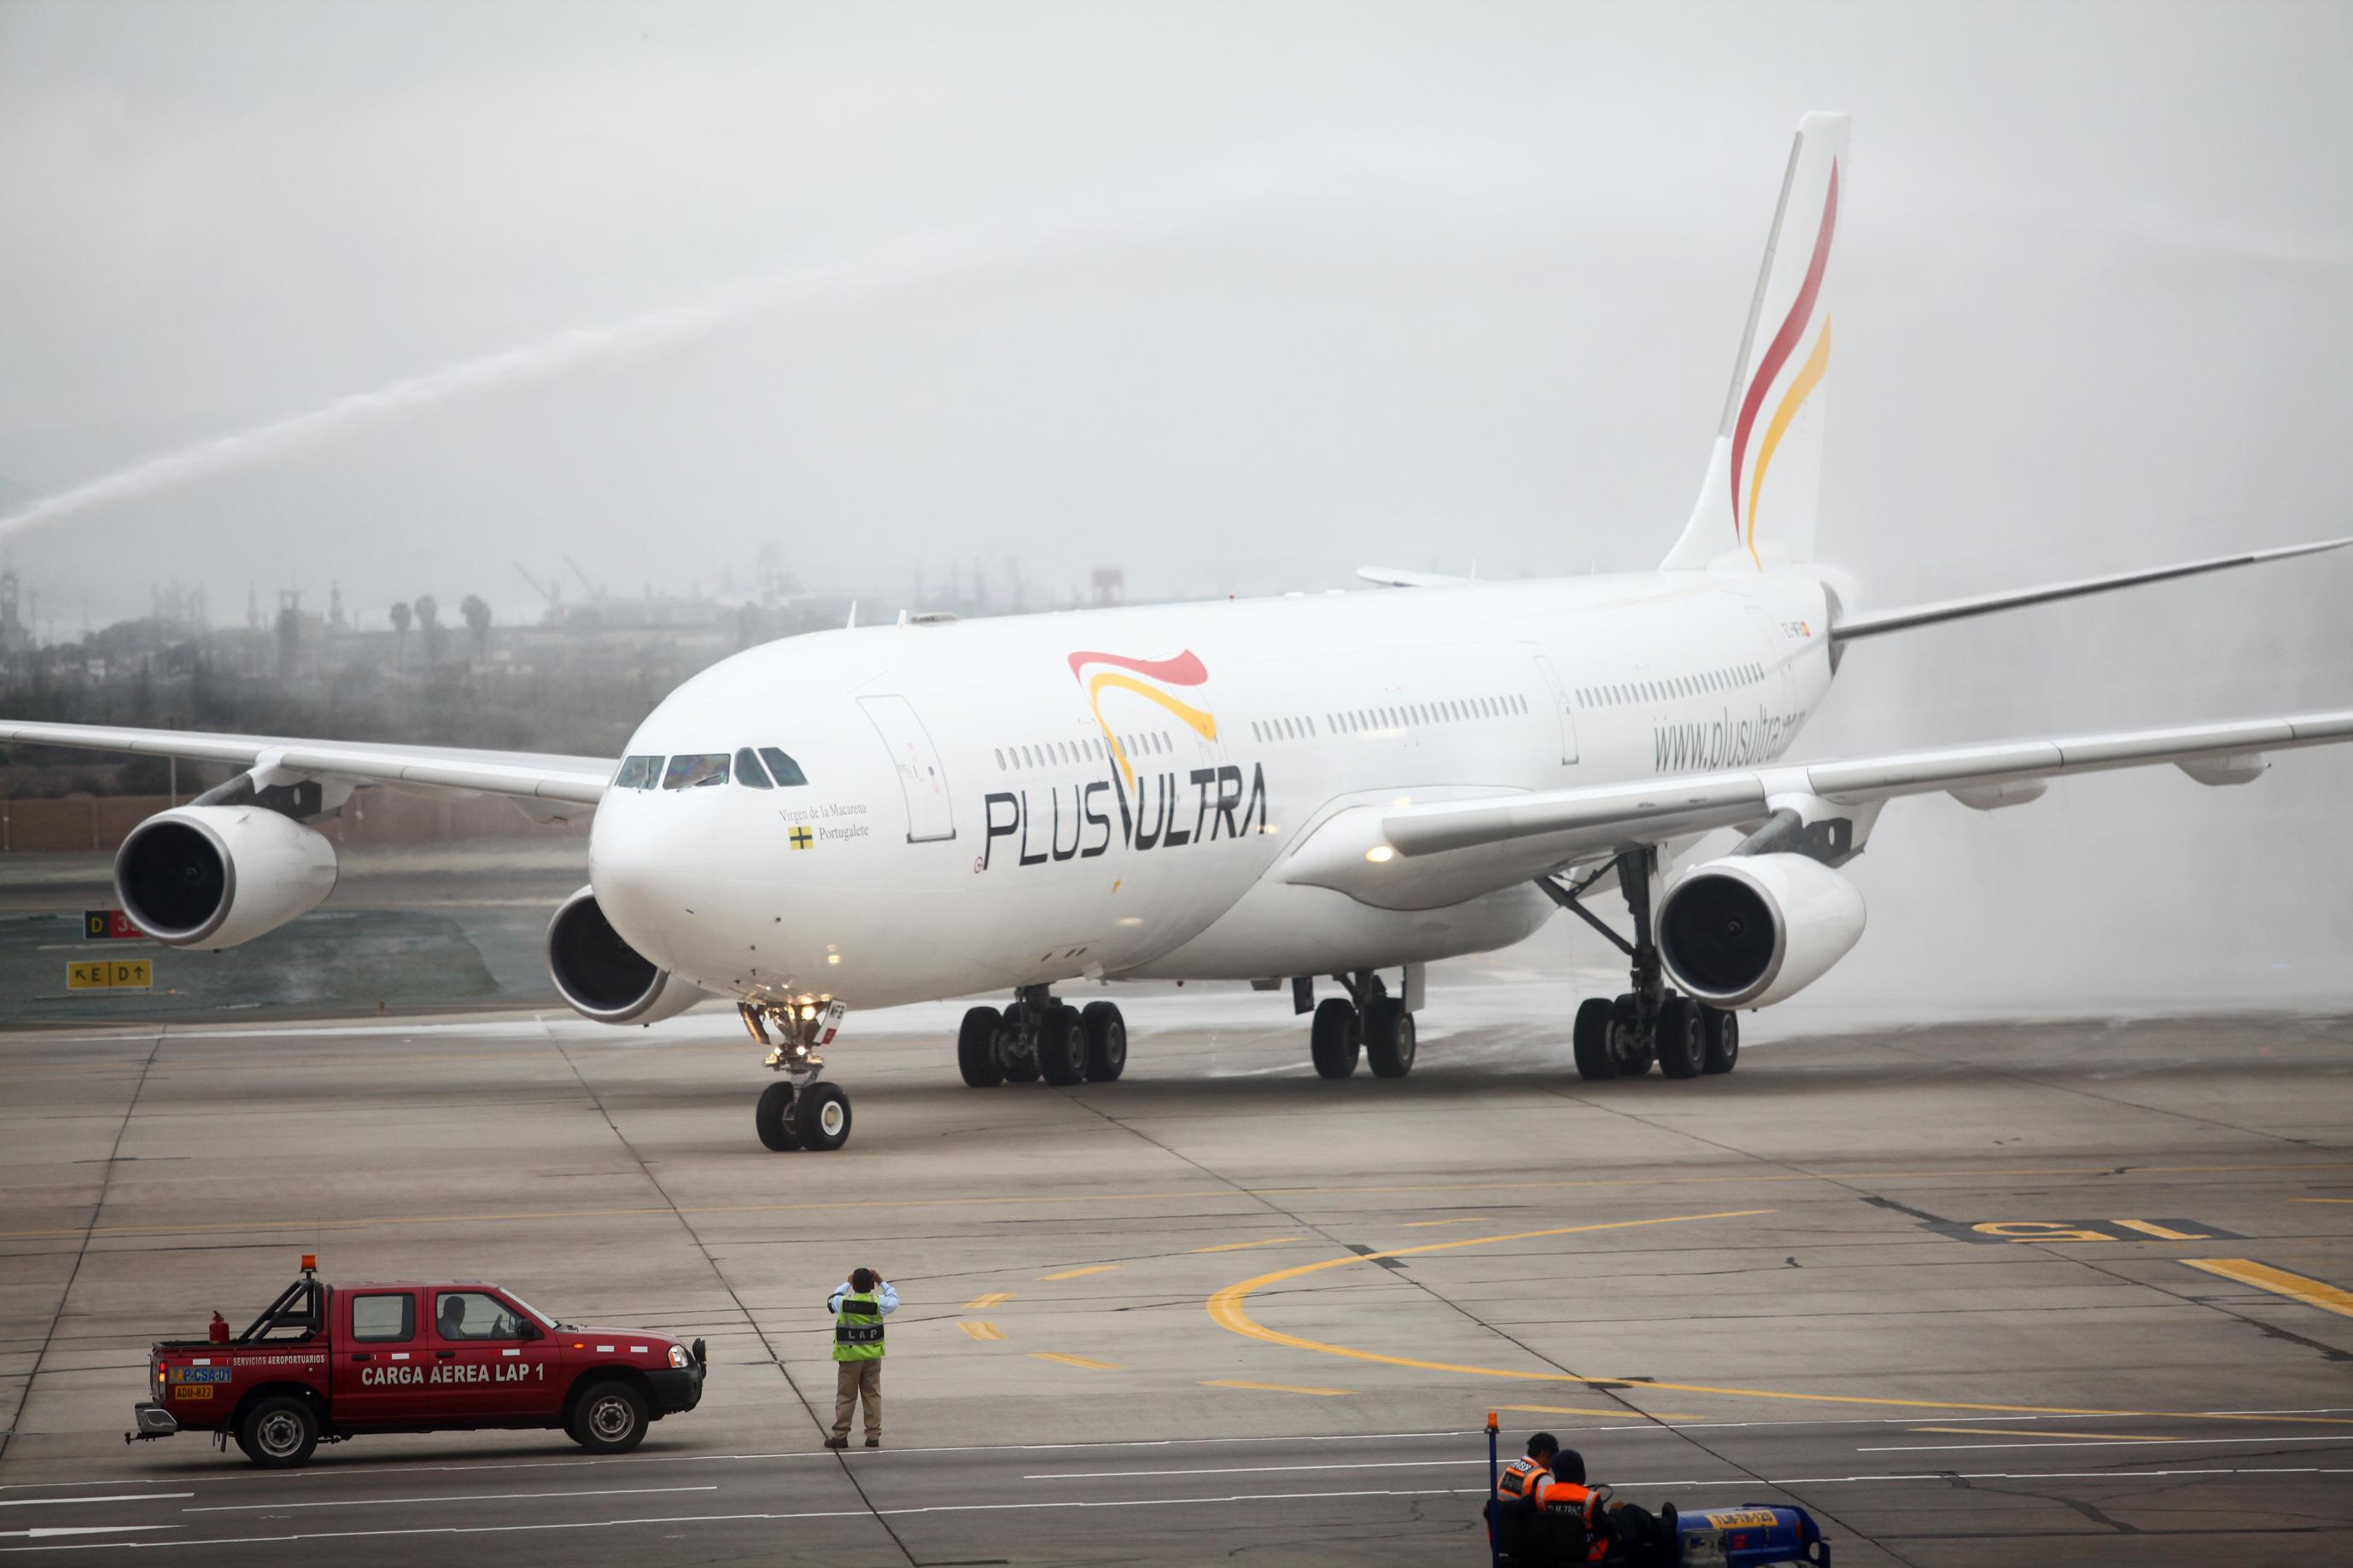 Uno de los aviones gestionados por la aerolínea Plus Ultra